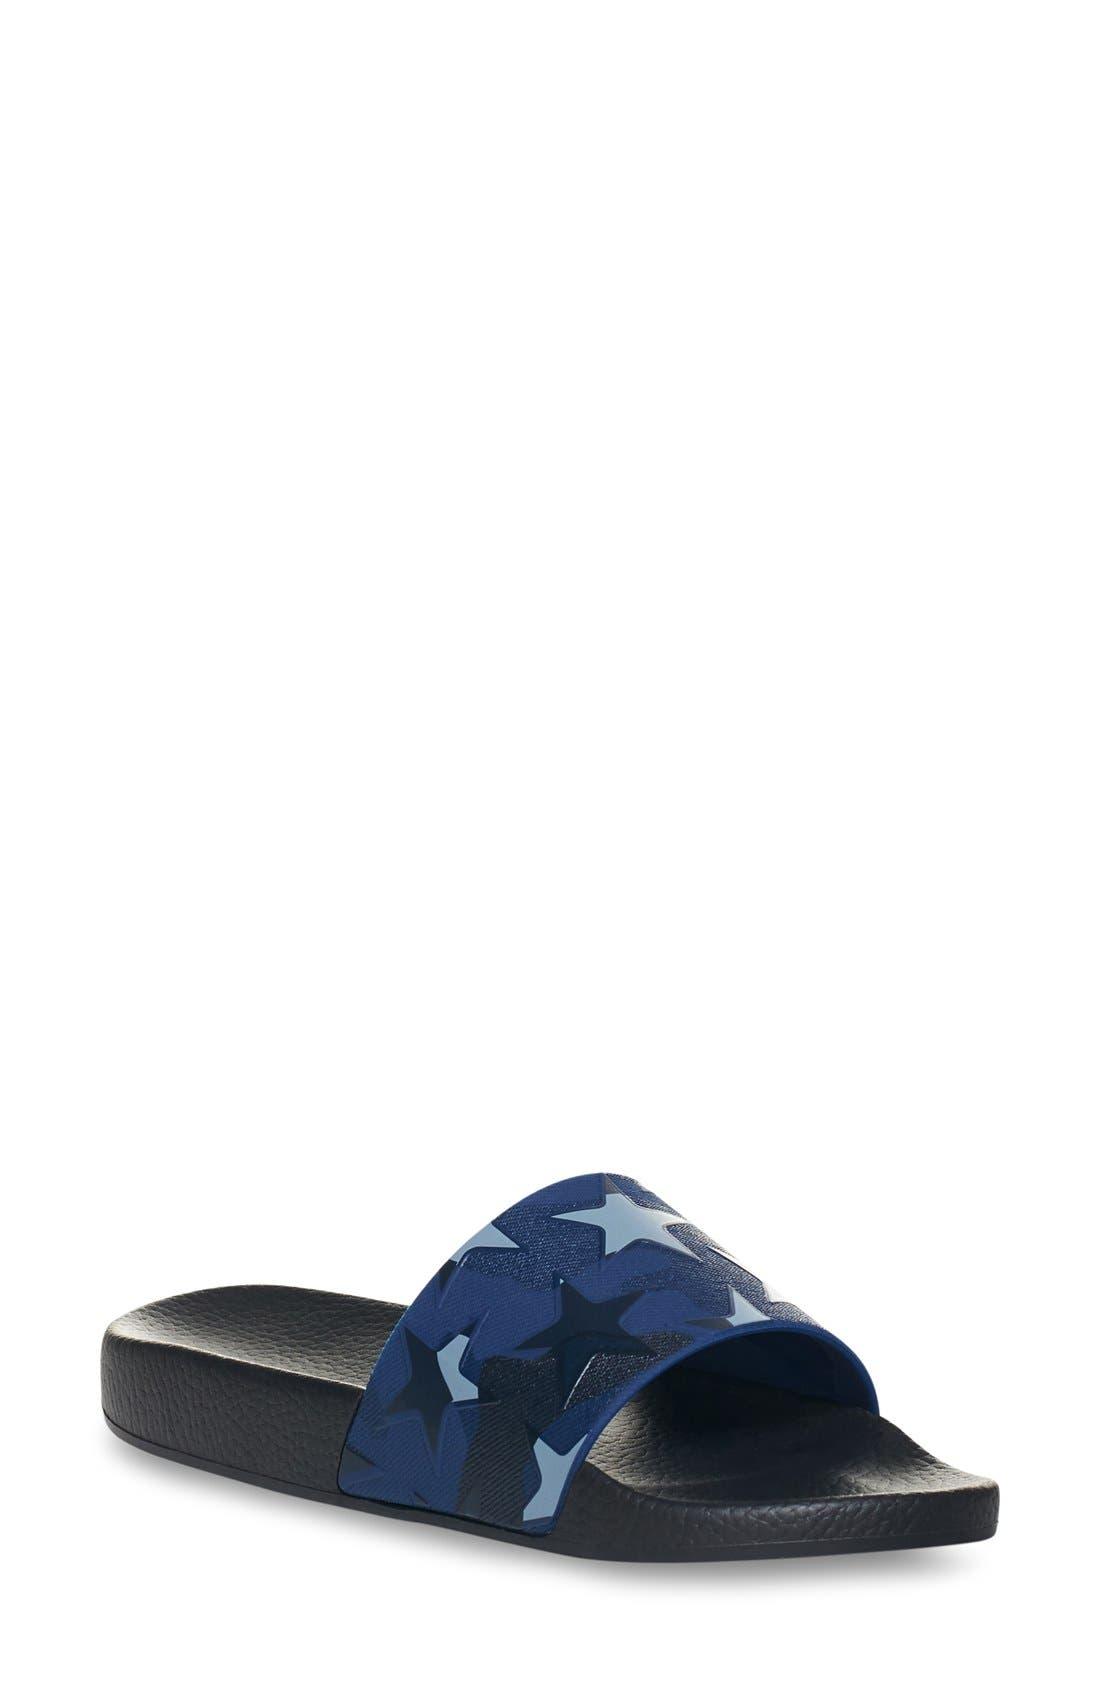 Alternate Image 1 Selected - Valentino Star Print Sport Sandal (Women)